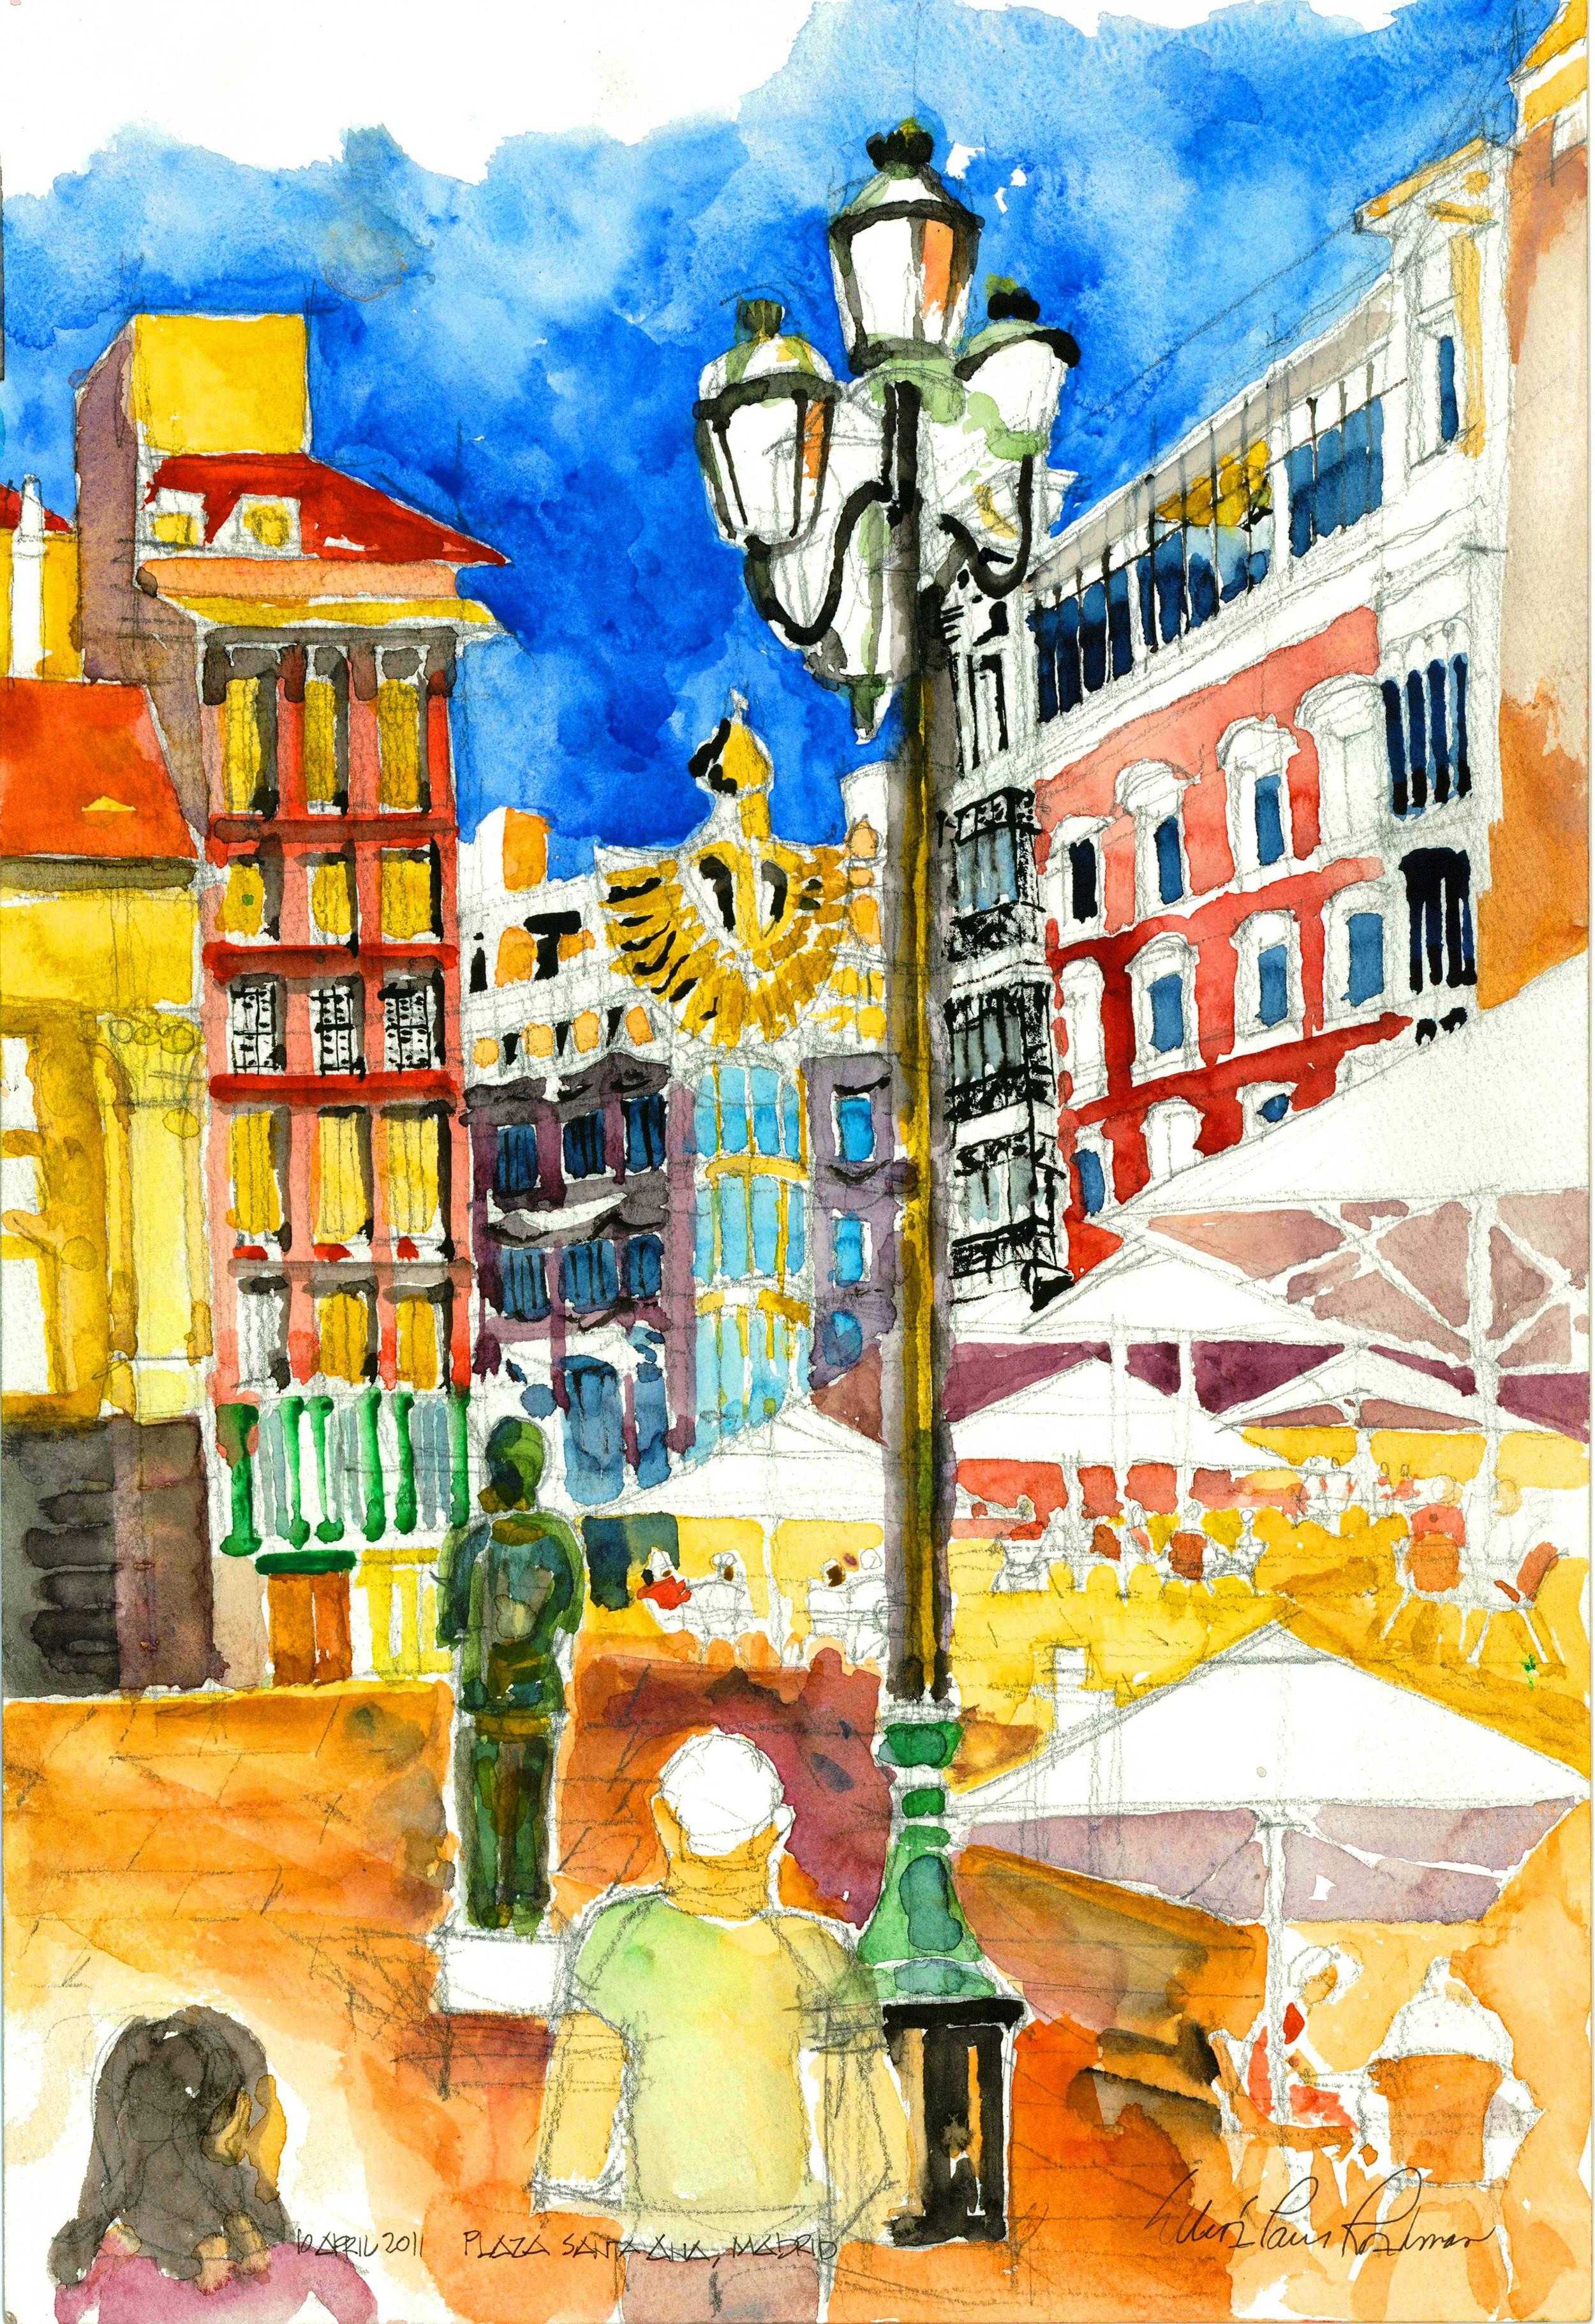 Plaza Santa Ana Madrid_041011.jpg